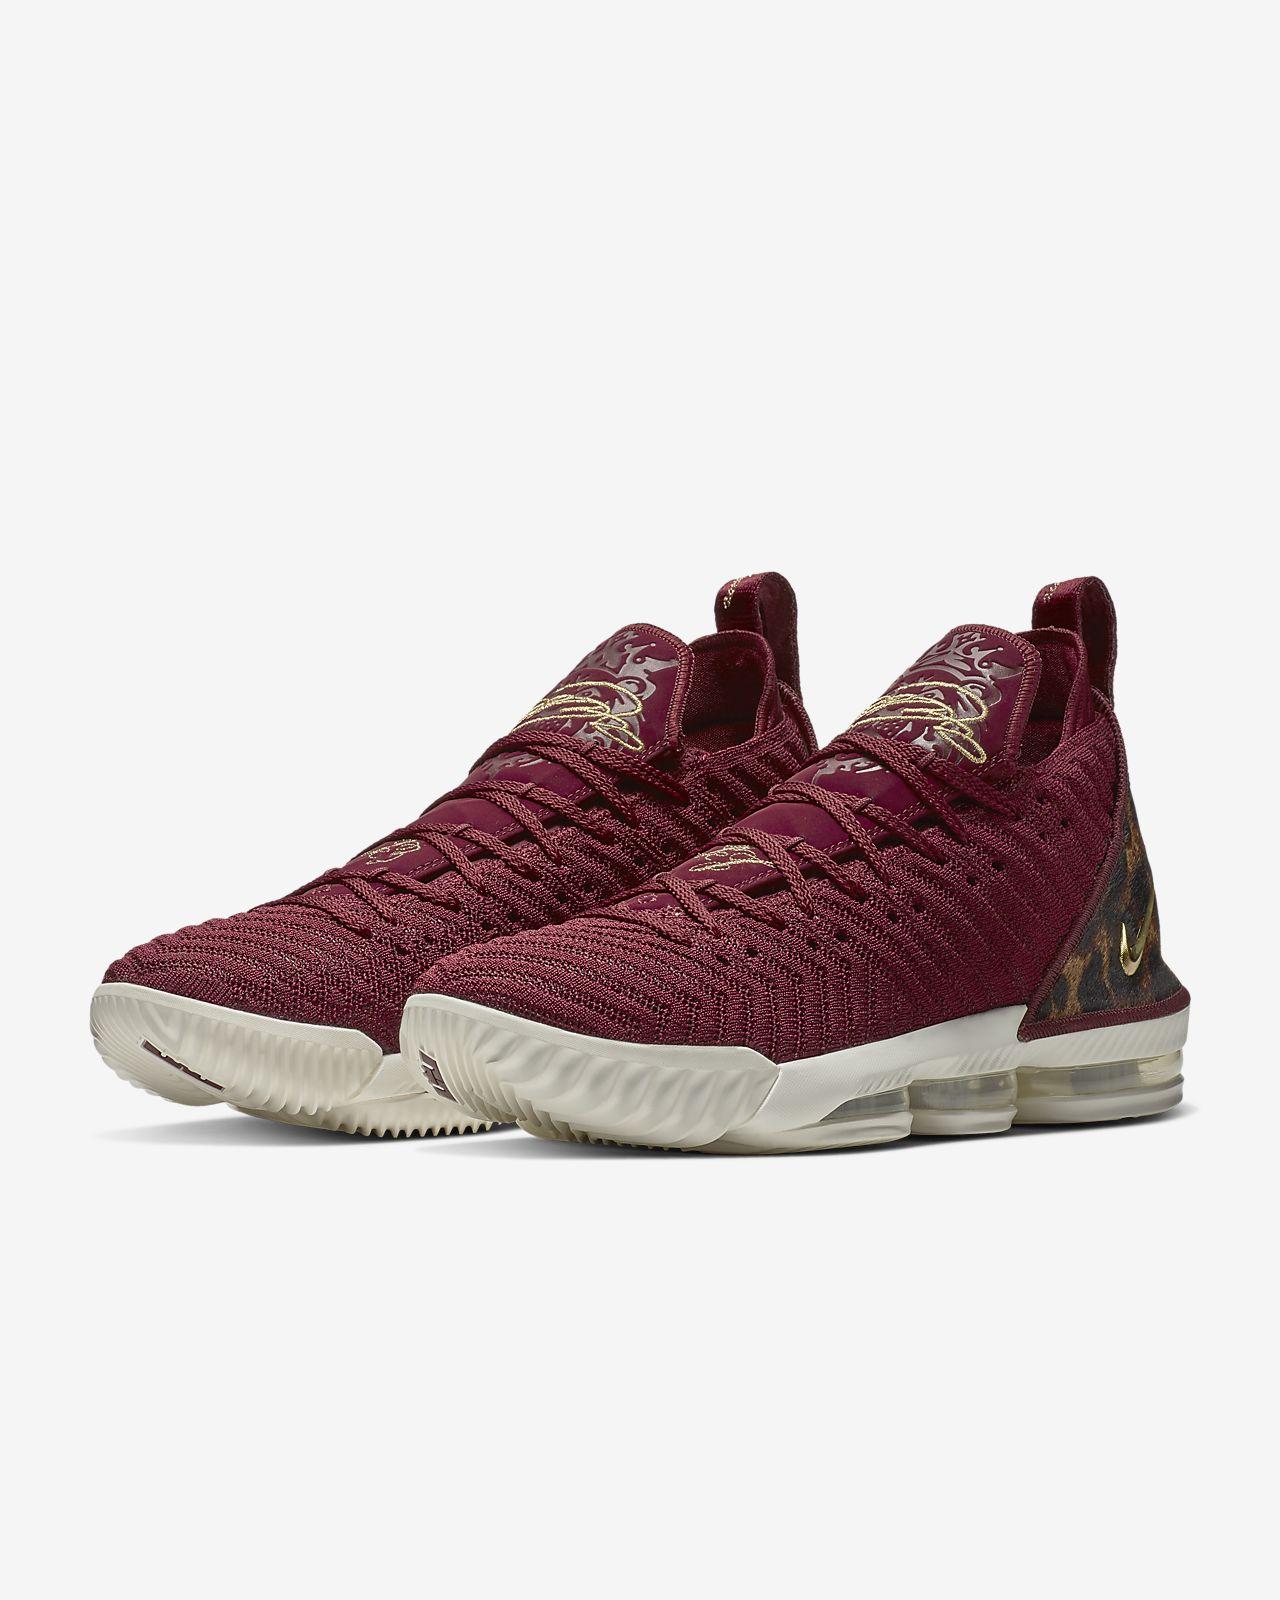 7b285006e4888 Low Resolution LeBron 16 Basketball Shoe LeBron 16 Basketball Shoe